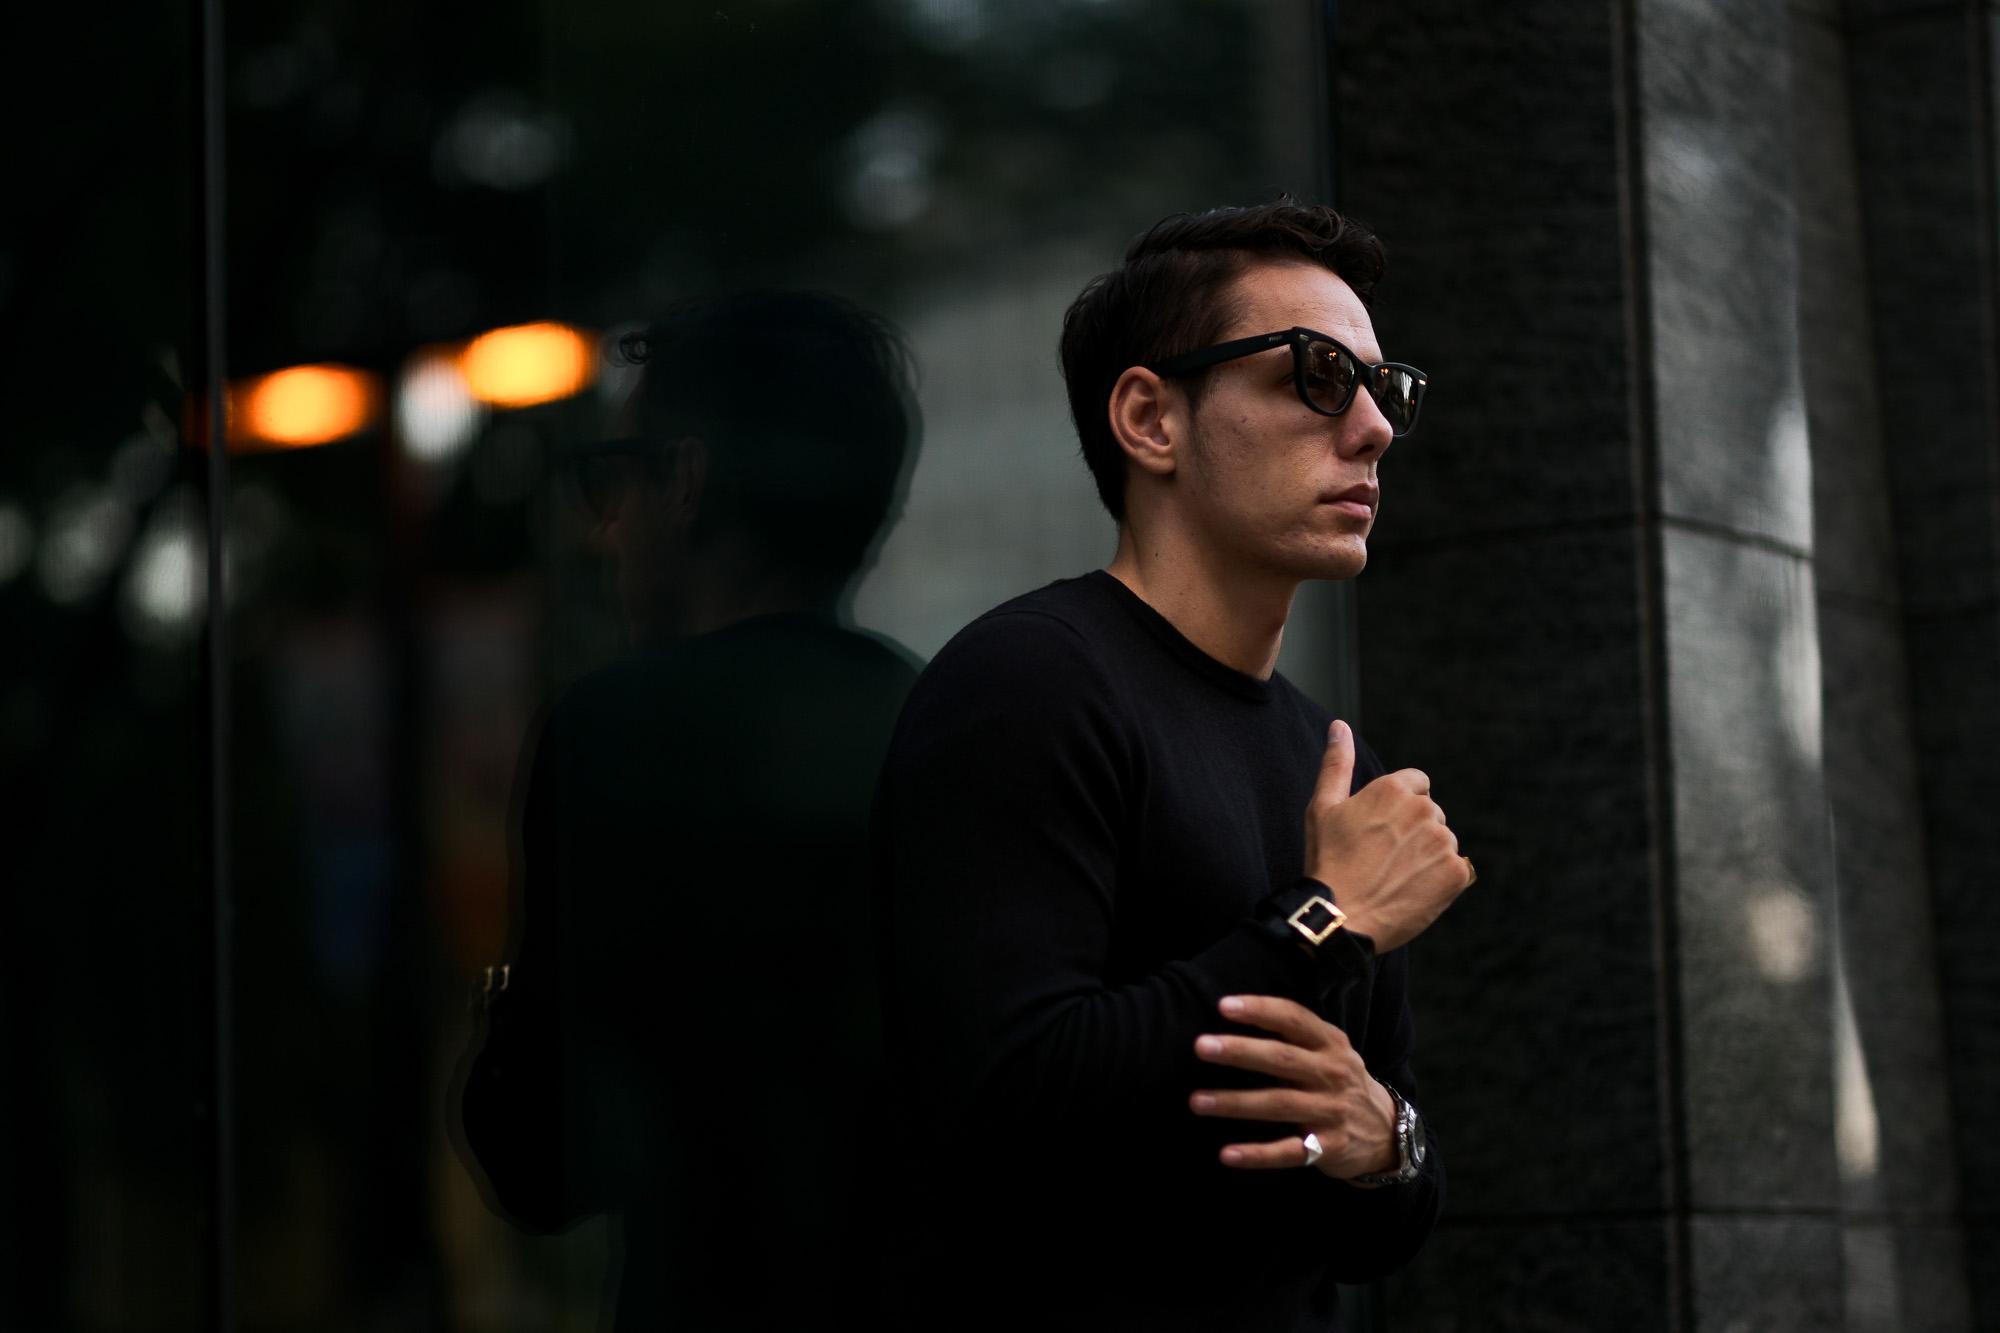 FIXERフィクサー BLACK PANTHERブラックパンサー 925 STERLING SILVER サングラス MATTE BLACK マットブラック 愛知 名古屋 Alto e Diritto アルトエデリット 眼鏡 グラサン 925スターリングシルバー スペシャルモデル sunglasses 【ご予約開始します】【2020.10.17(Sat)~2020.11.01(Sun)】